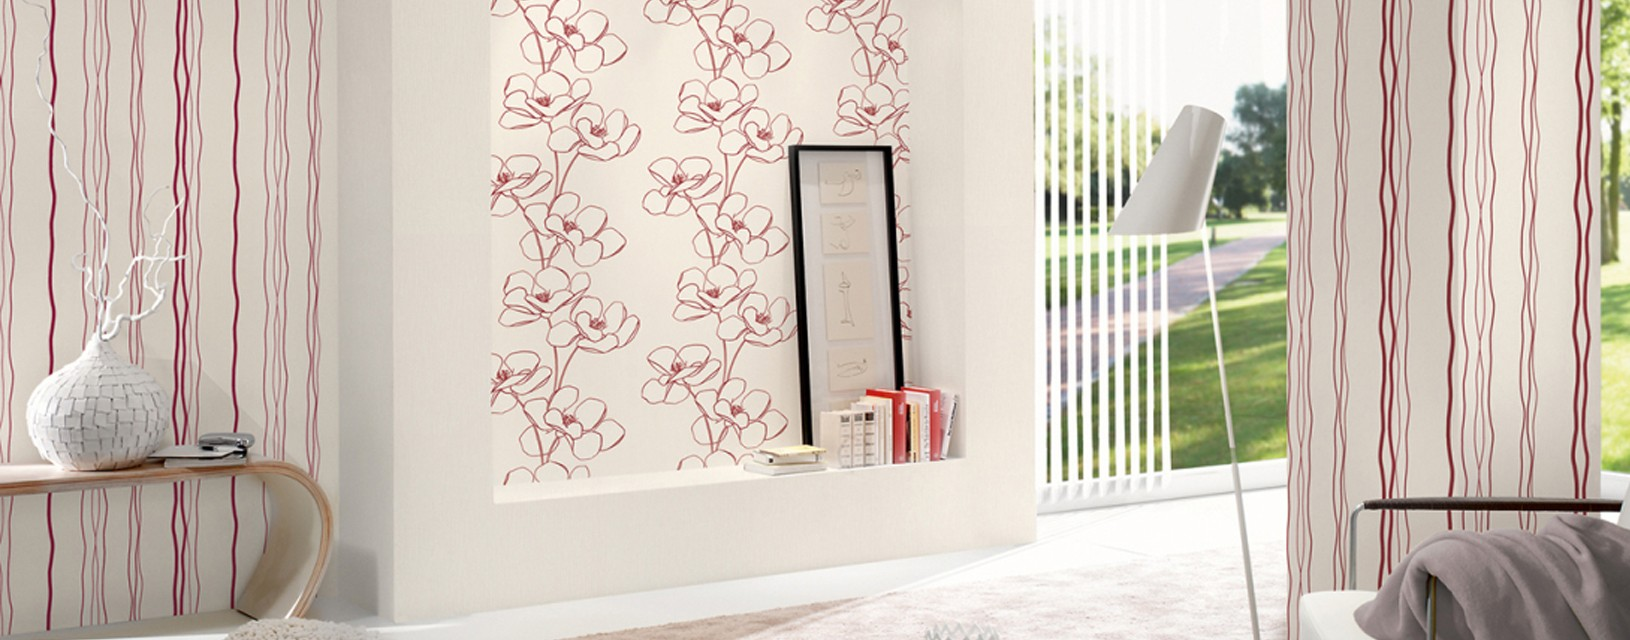 Neueste Trends der Fensterdekorationen - es müssen nicht immer Gardinen sein